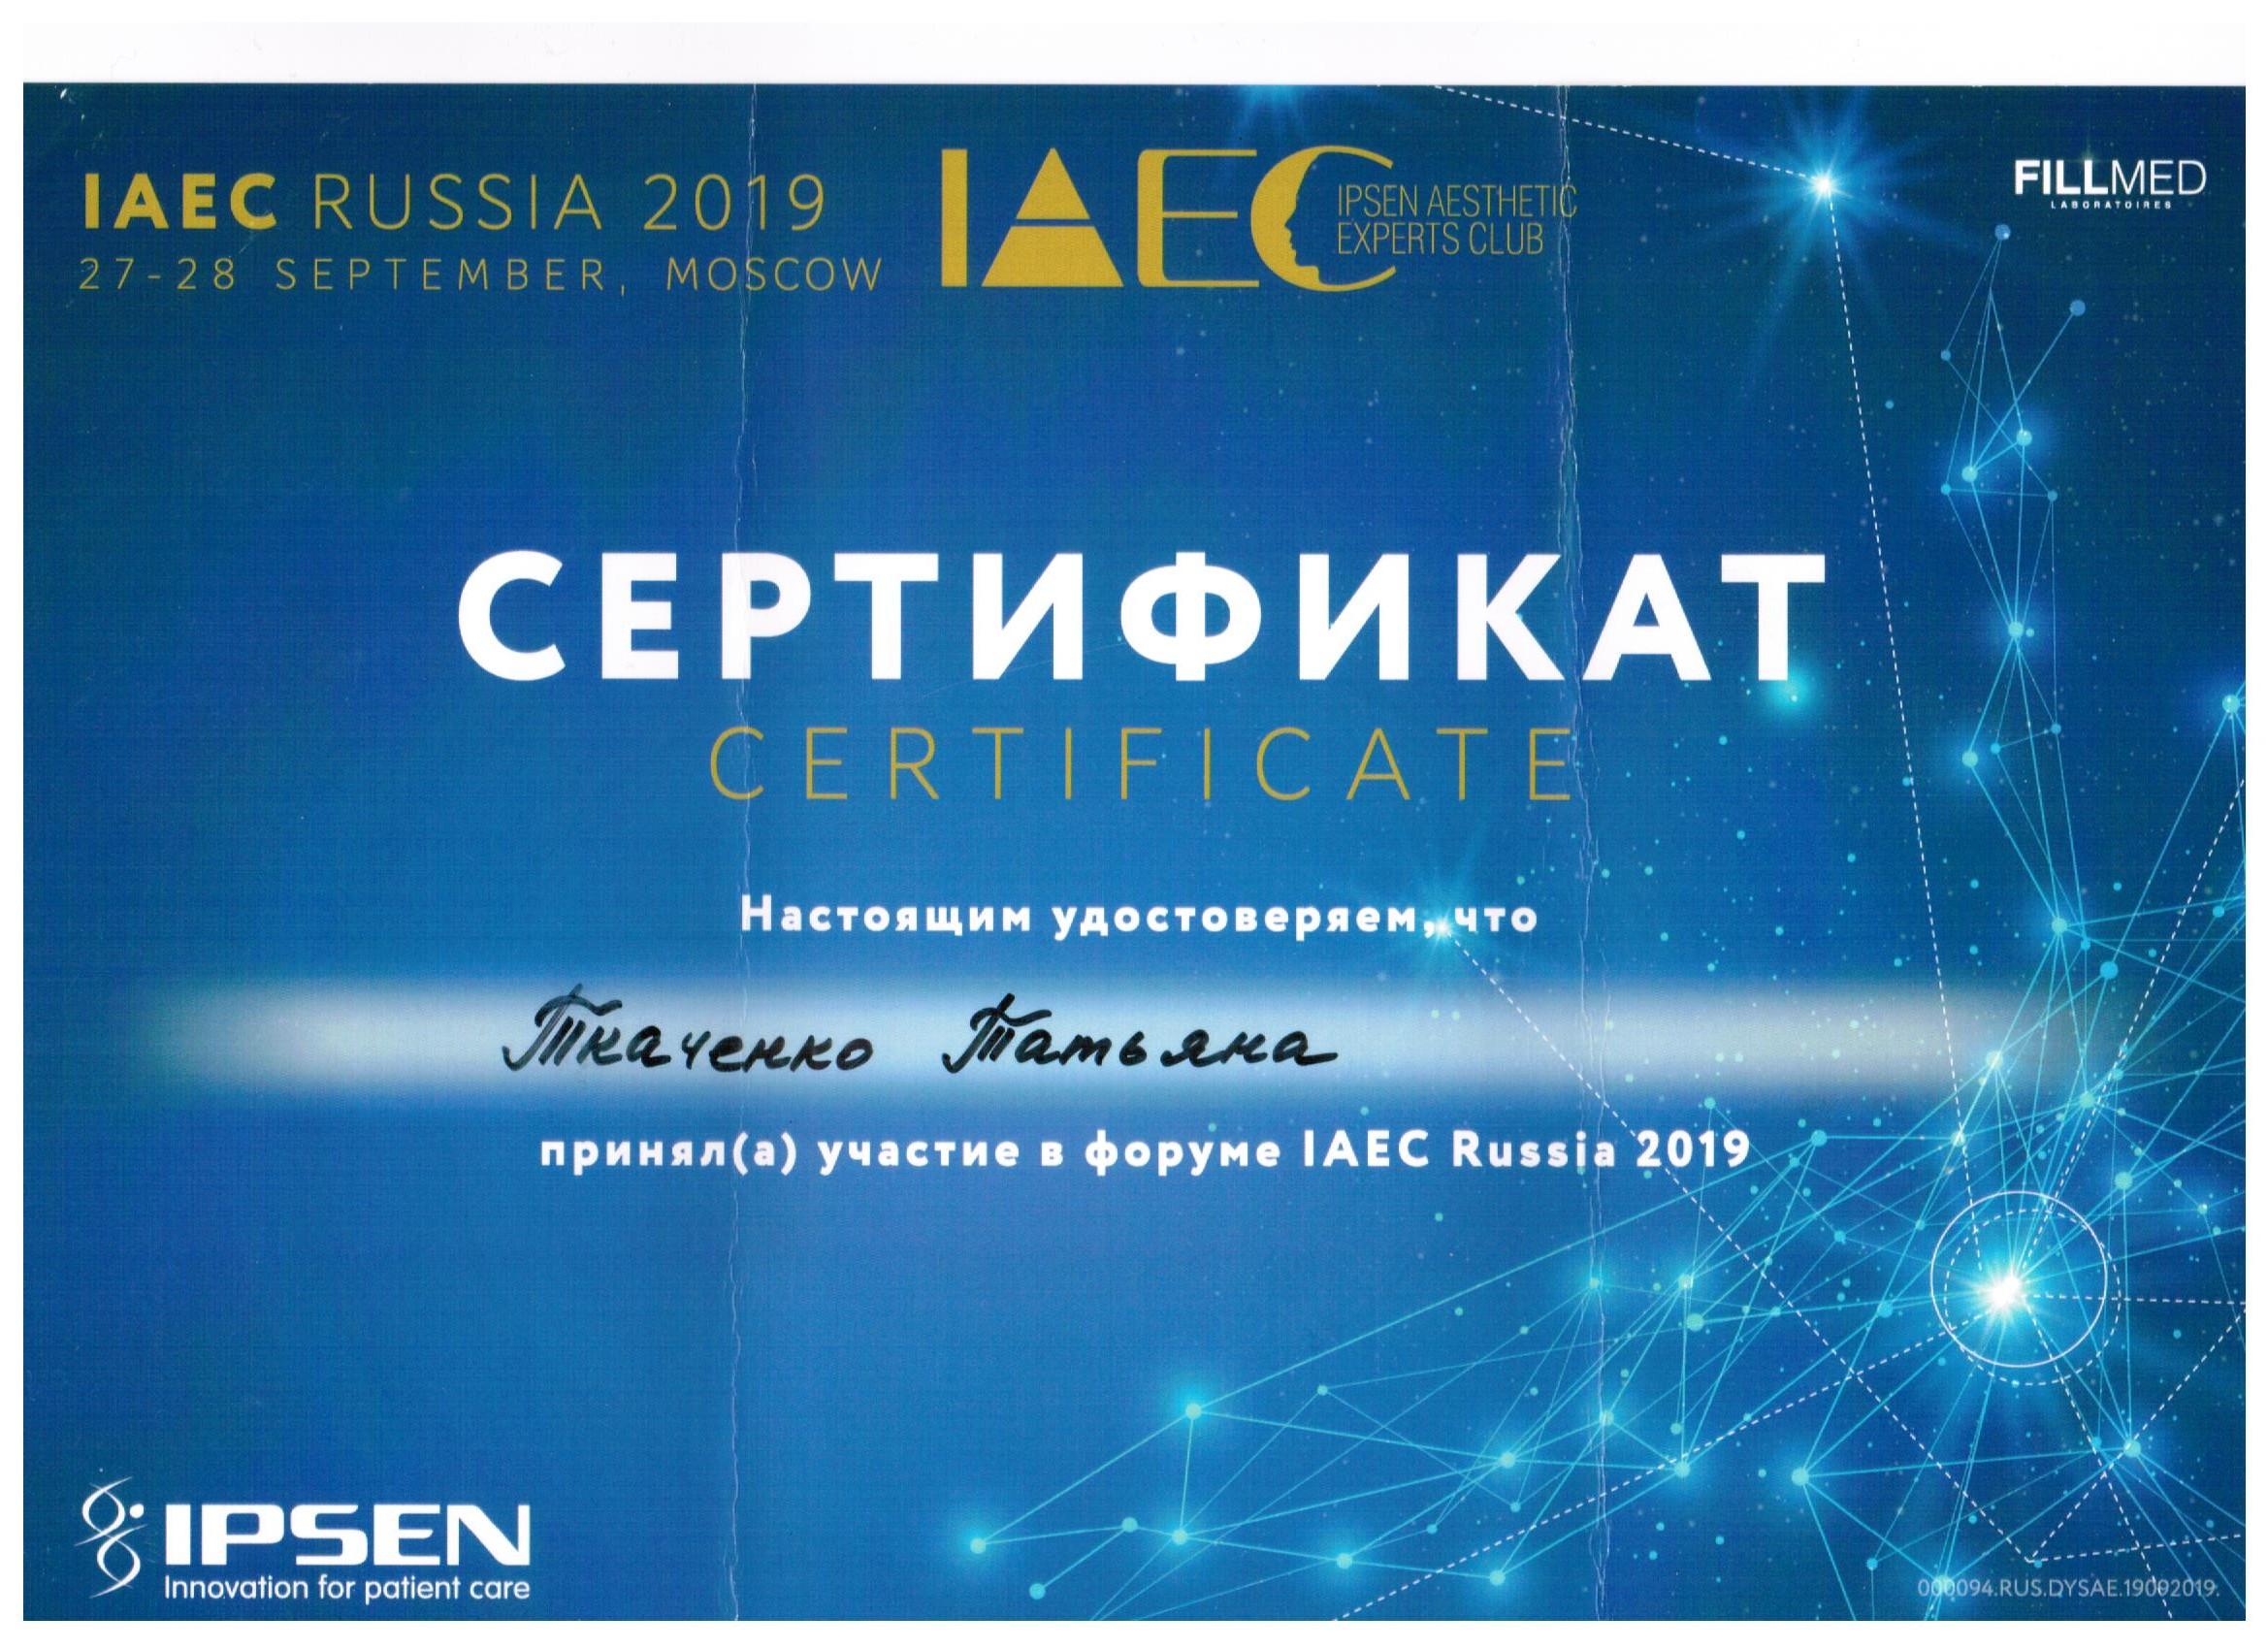 2019 участие в форуме IAEC Russia 2019